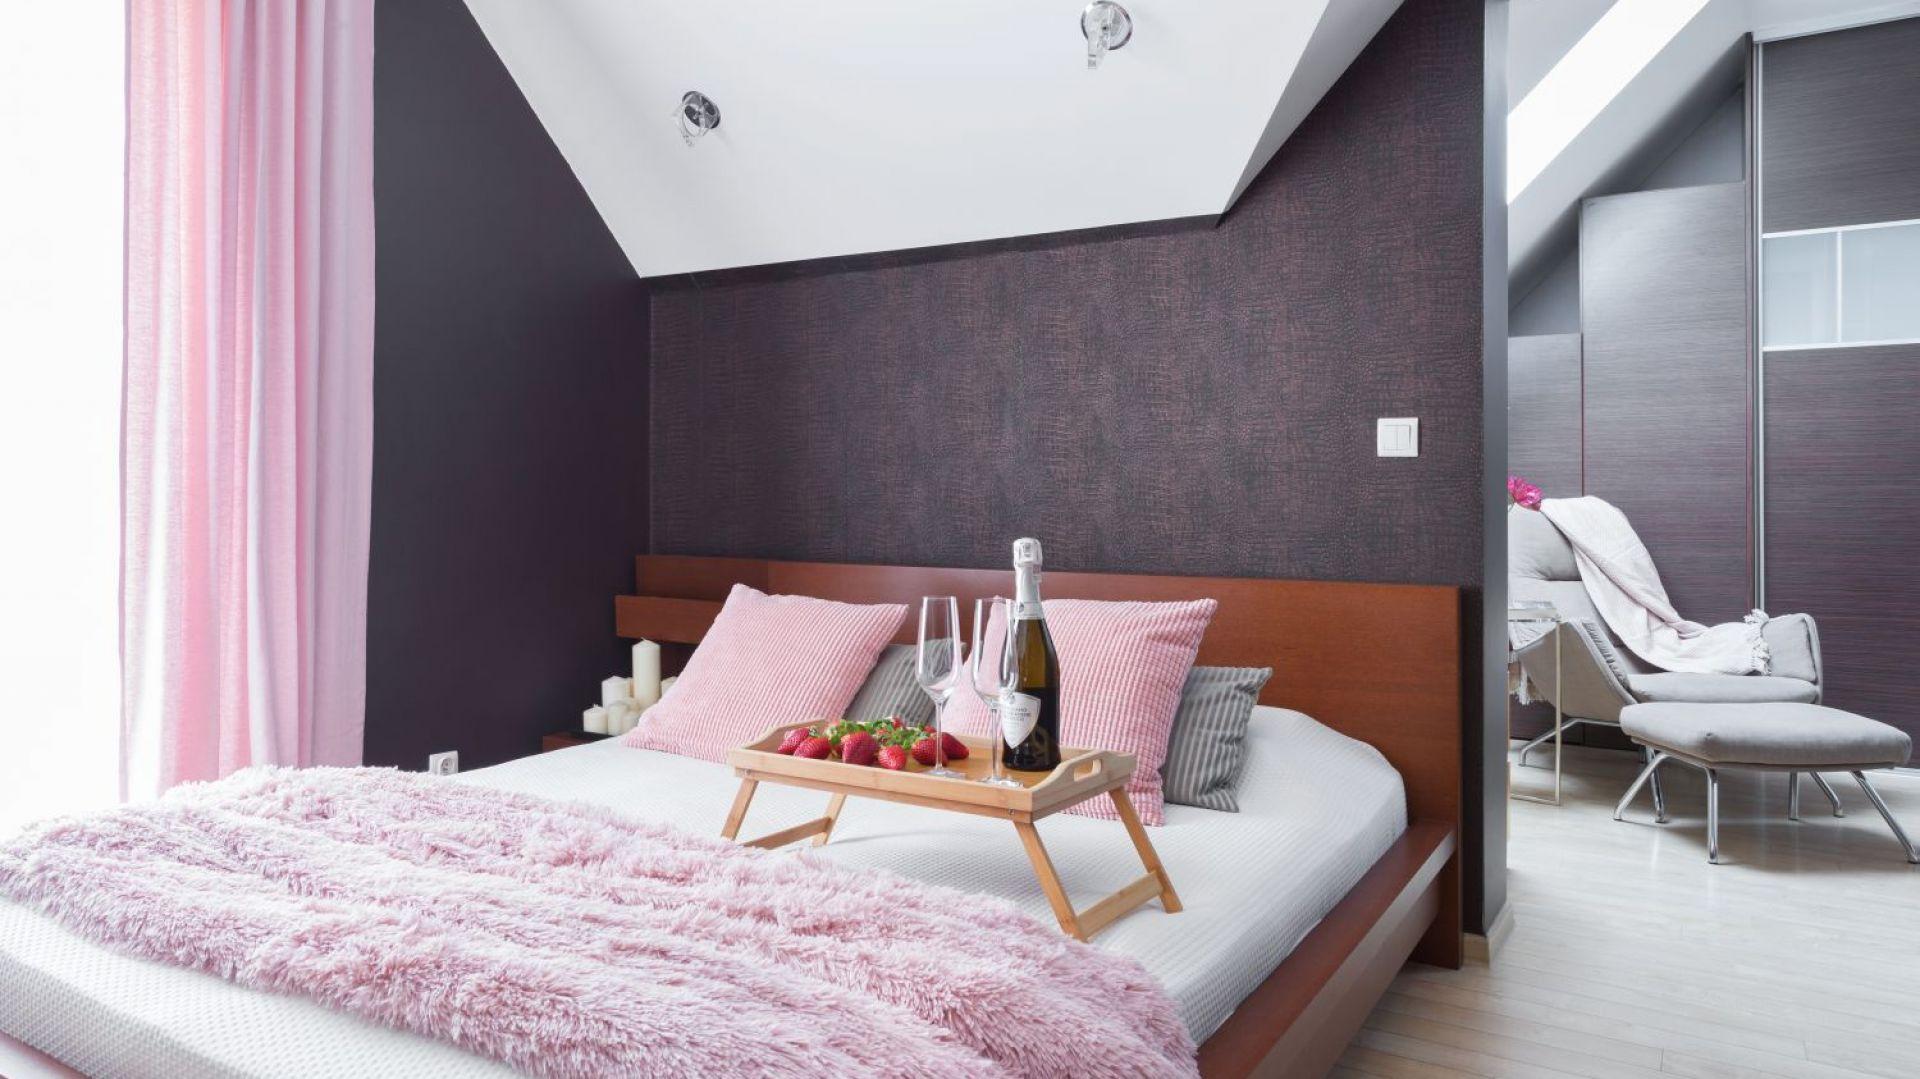 W sypialni odnajdziemy ciemne, stonowane kolory. Projekt: Katarzyna Maciejewska. Fot. Anna Laskowska